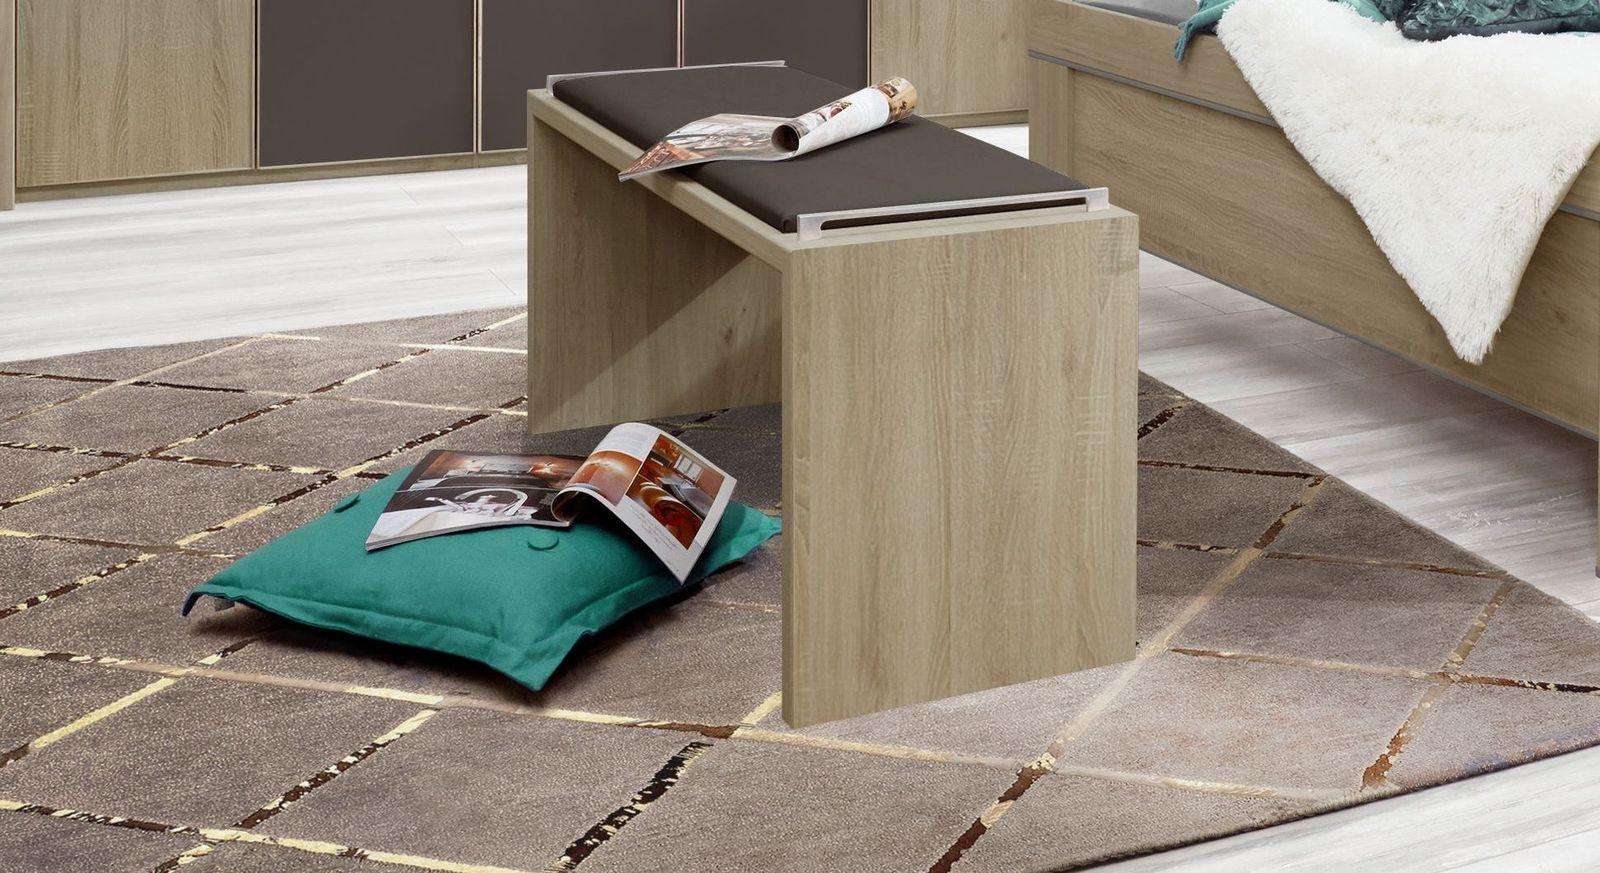 Bettbank Runcorn mit havannafarbenem Sitzpolster